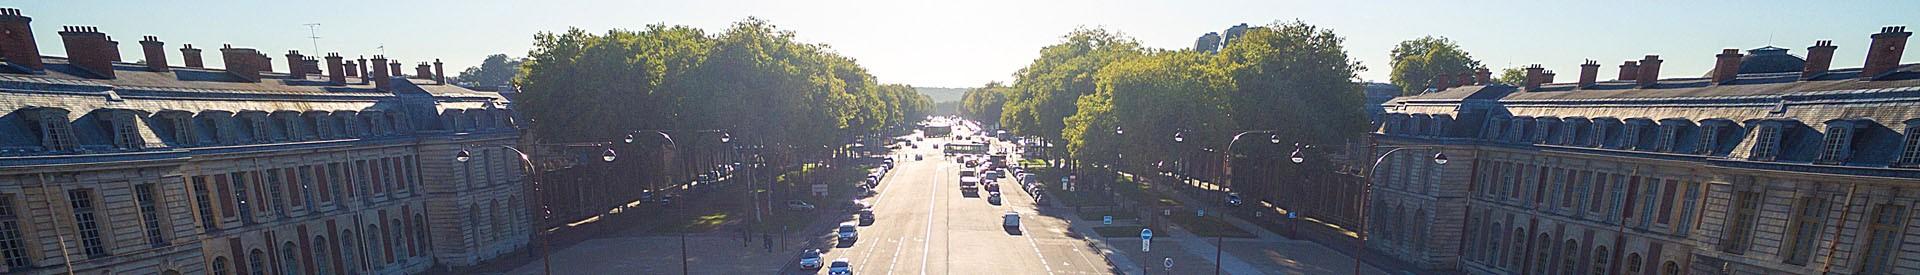 ville-de-versailles-112